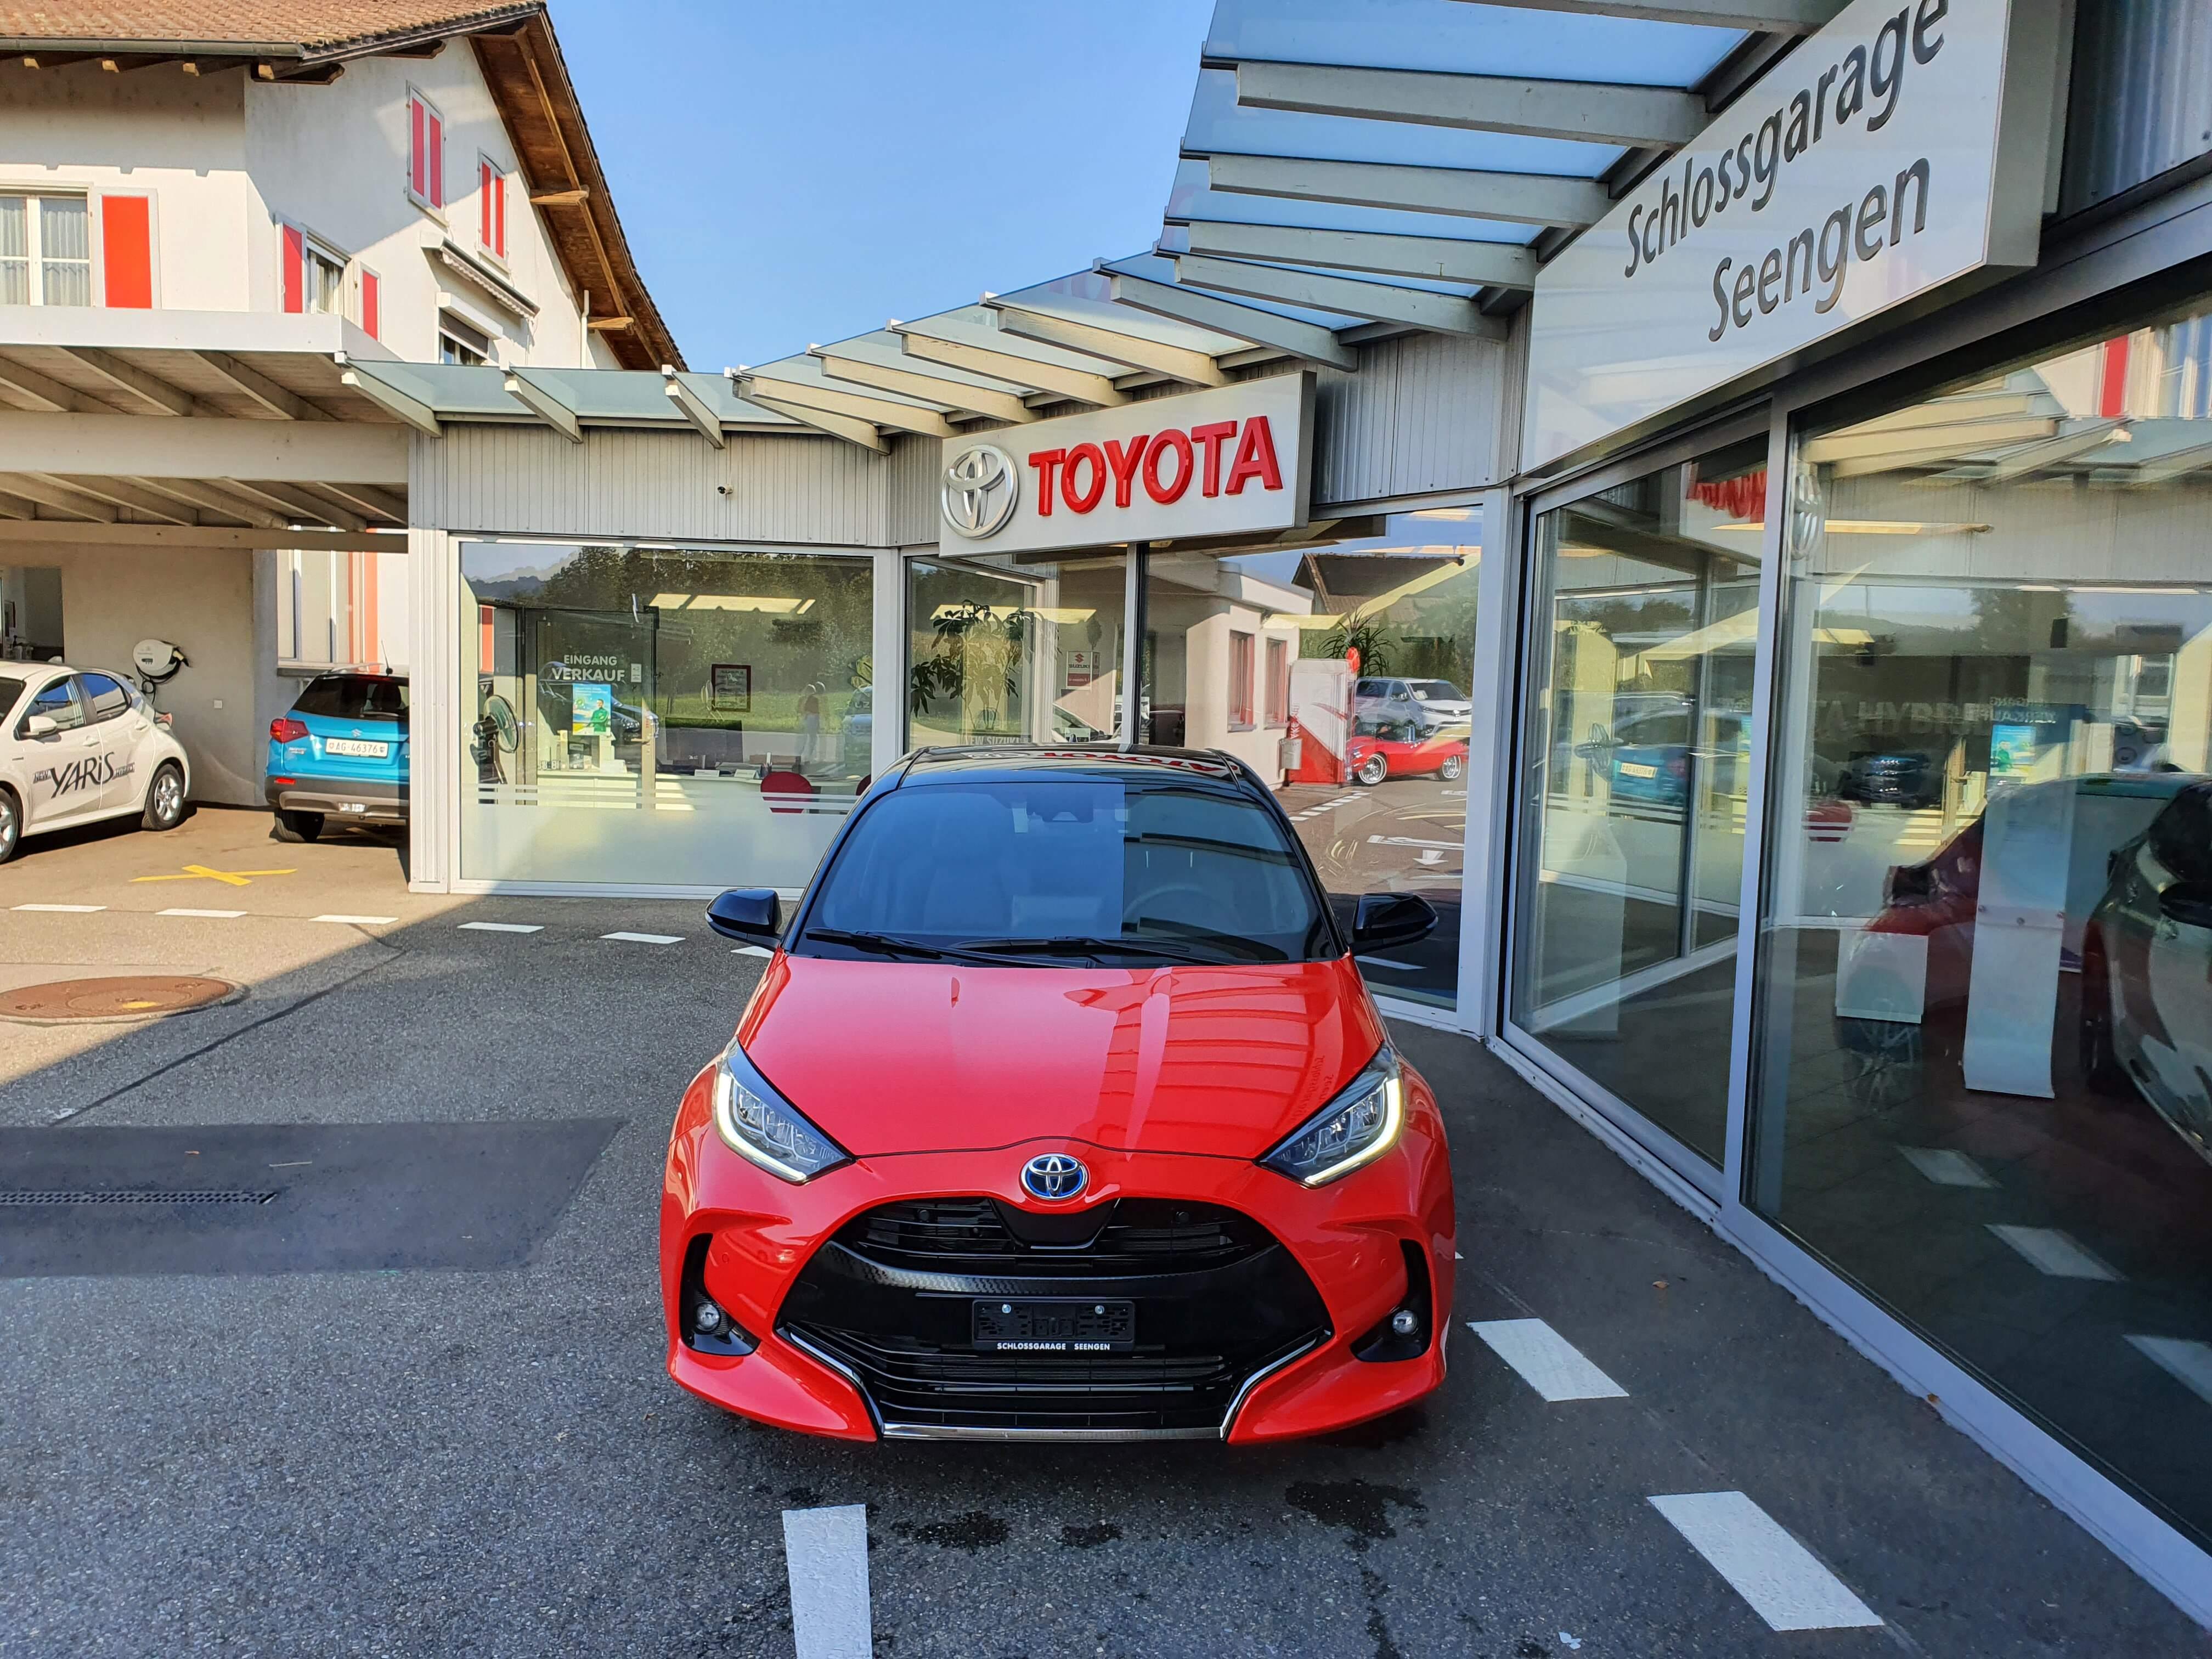 Dürfen Autowerkstätten Geöffnet Bleiben